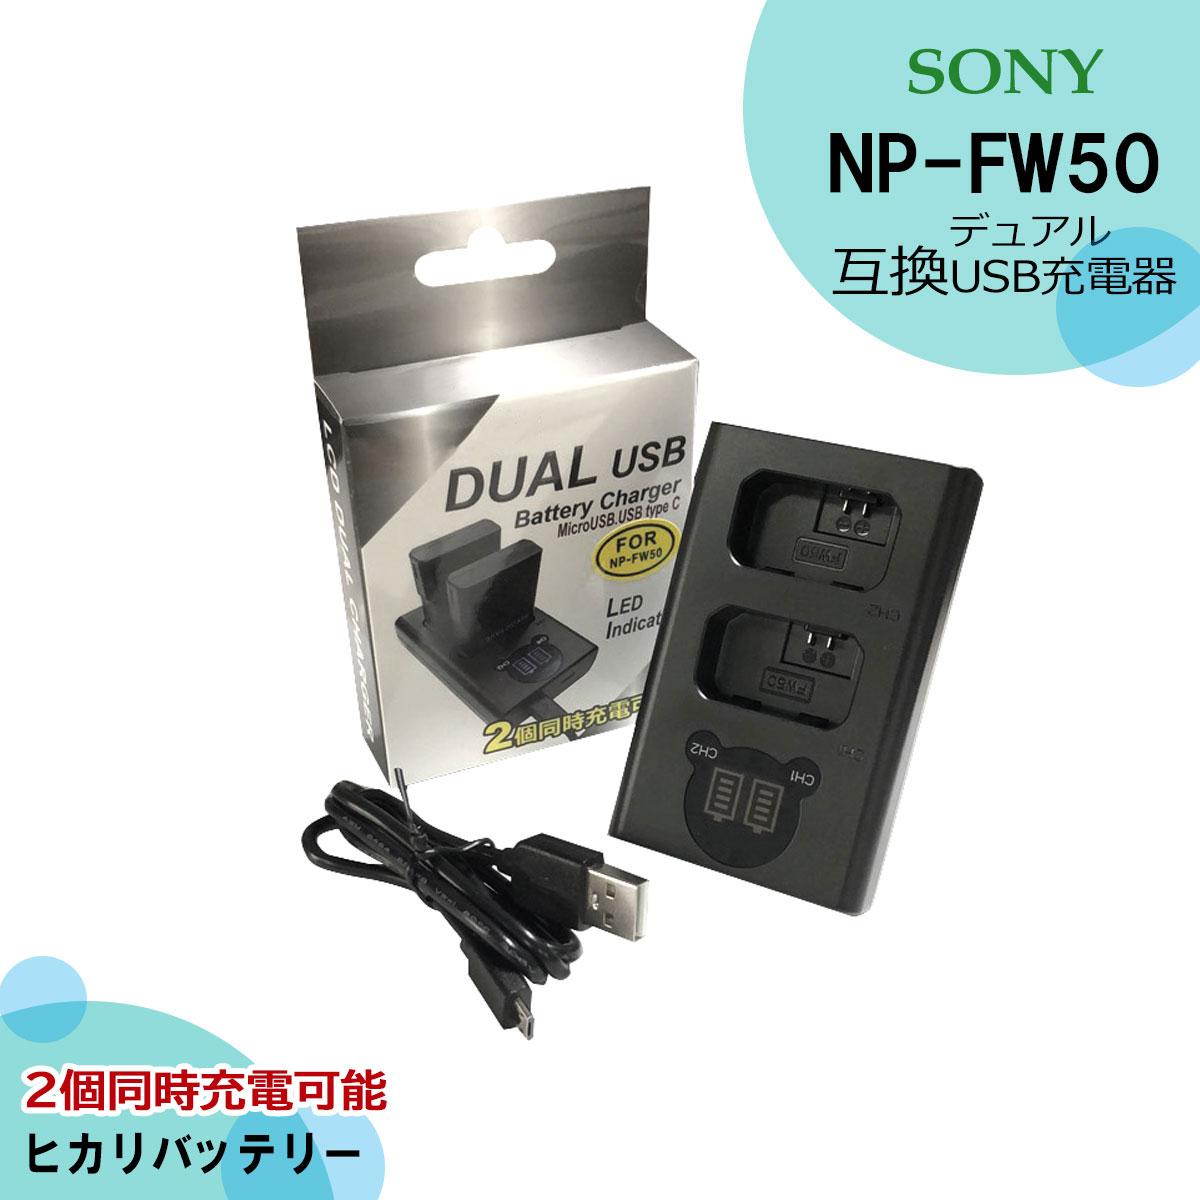 【6ヶ月保証】2個同時充電可能。純正&互換バッテリーも充電可能。 2個同時充電可能 送料無料 ソニー NP-FW50 デュアル 互換充電器NEX-5NK / NEX-C3D / NEX-C3K / NEX-5A / NEX-5D / NEX-5K / NEX-3D / NEX-3A / NEX-3K / ILCE-5000L / ILCE-5000Y / ILCE-5100L / ILCE-5100Y / ILCE-5100 / ILCE-6000L 純正 & 互換バッテリー にも対応